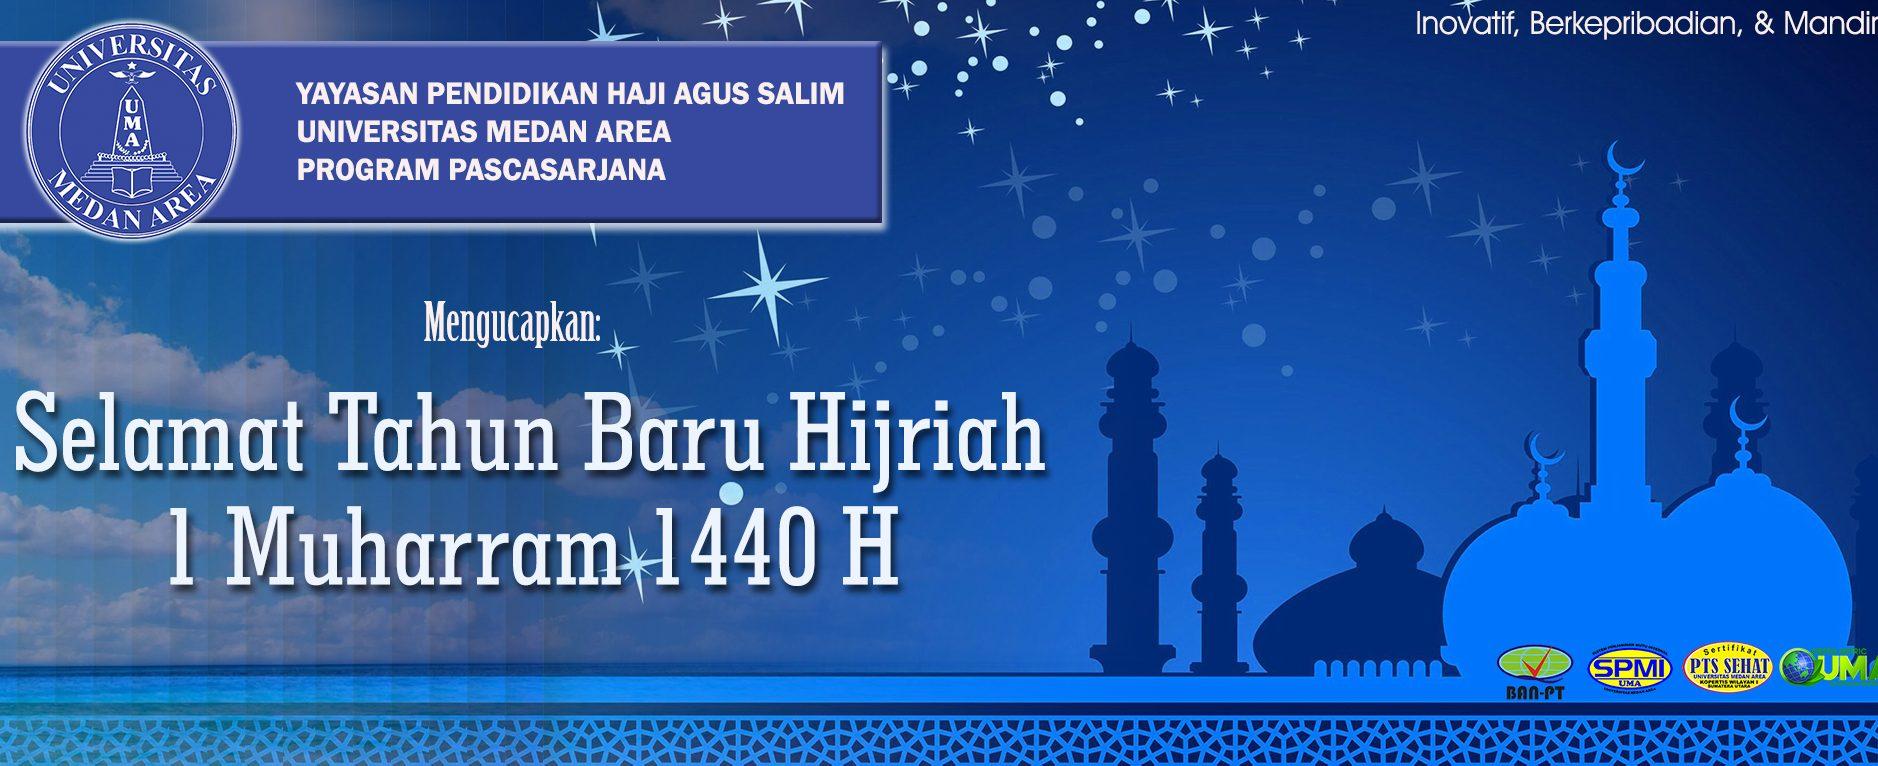 Selamat Tahun Baru Hijriah 1 Muharram 1440H